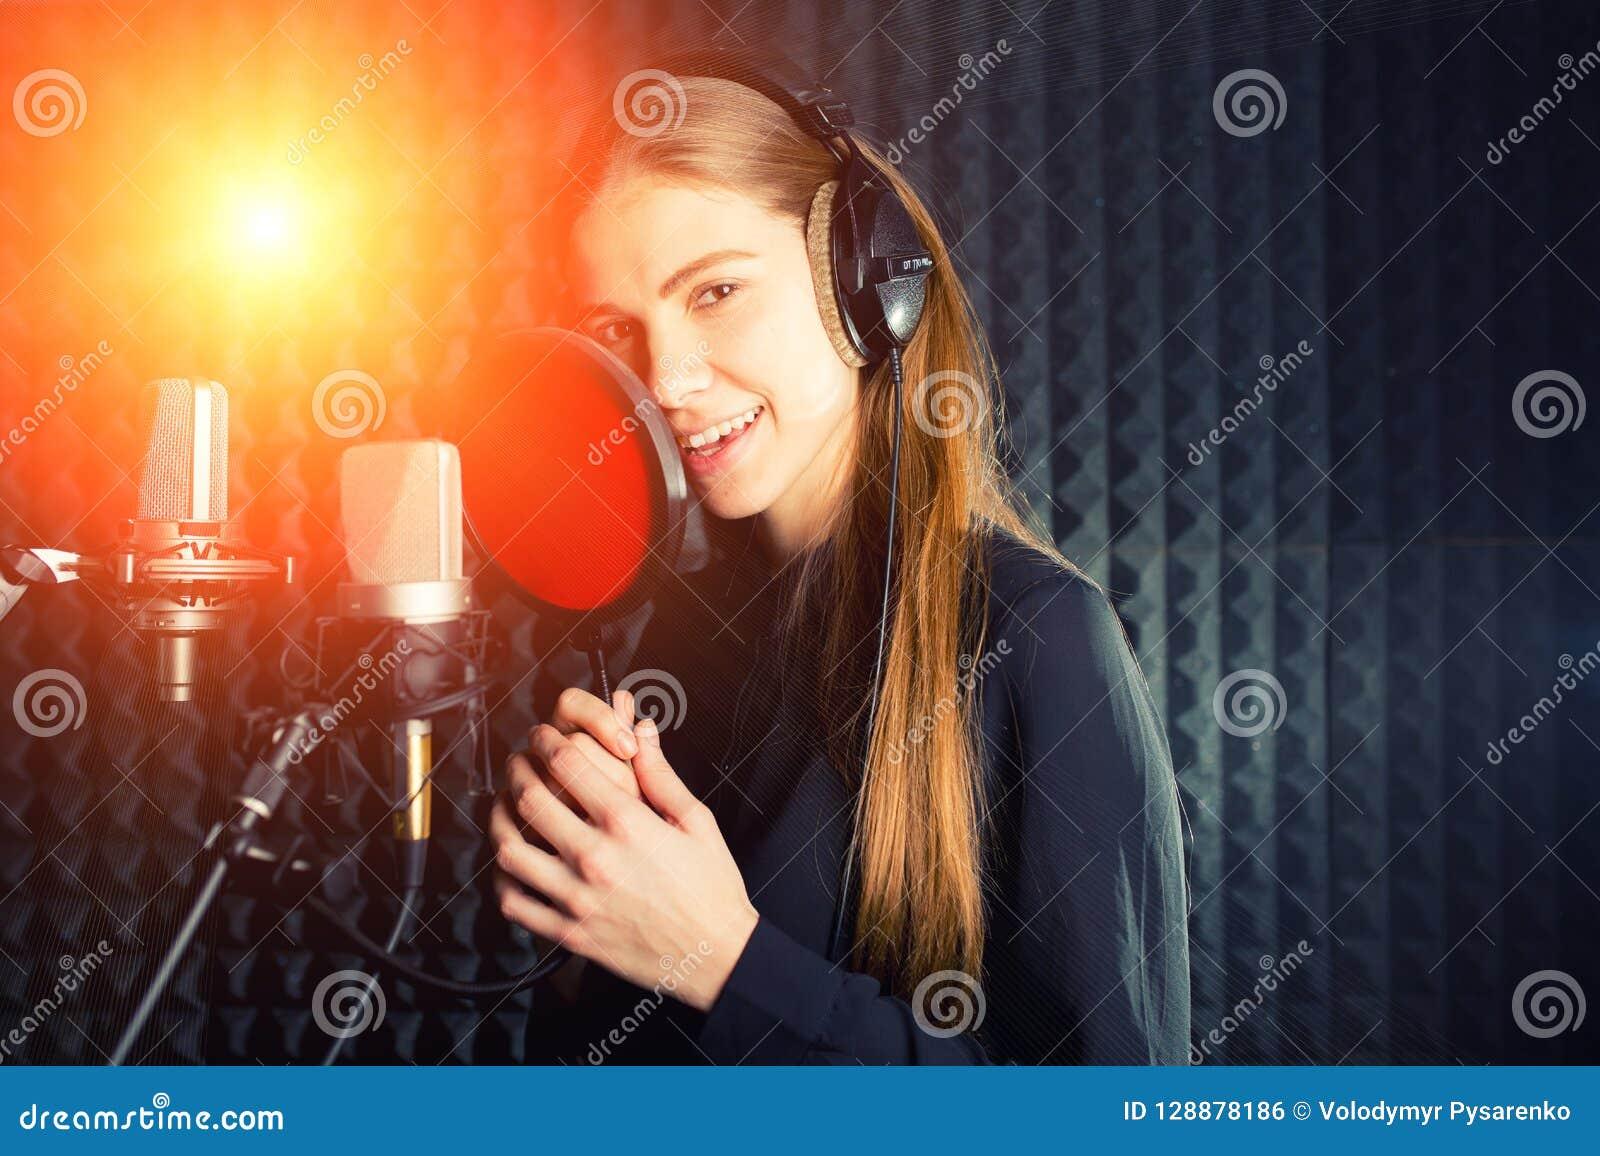 Gesangmädchen singen zum Berufsmikrofon im Rekordstudio Prozess von schaffen ein neues Schlaglied durch jungen Sänger